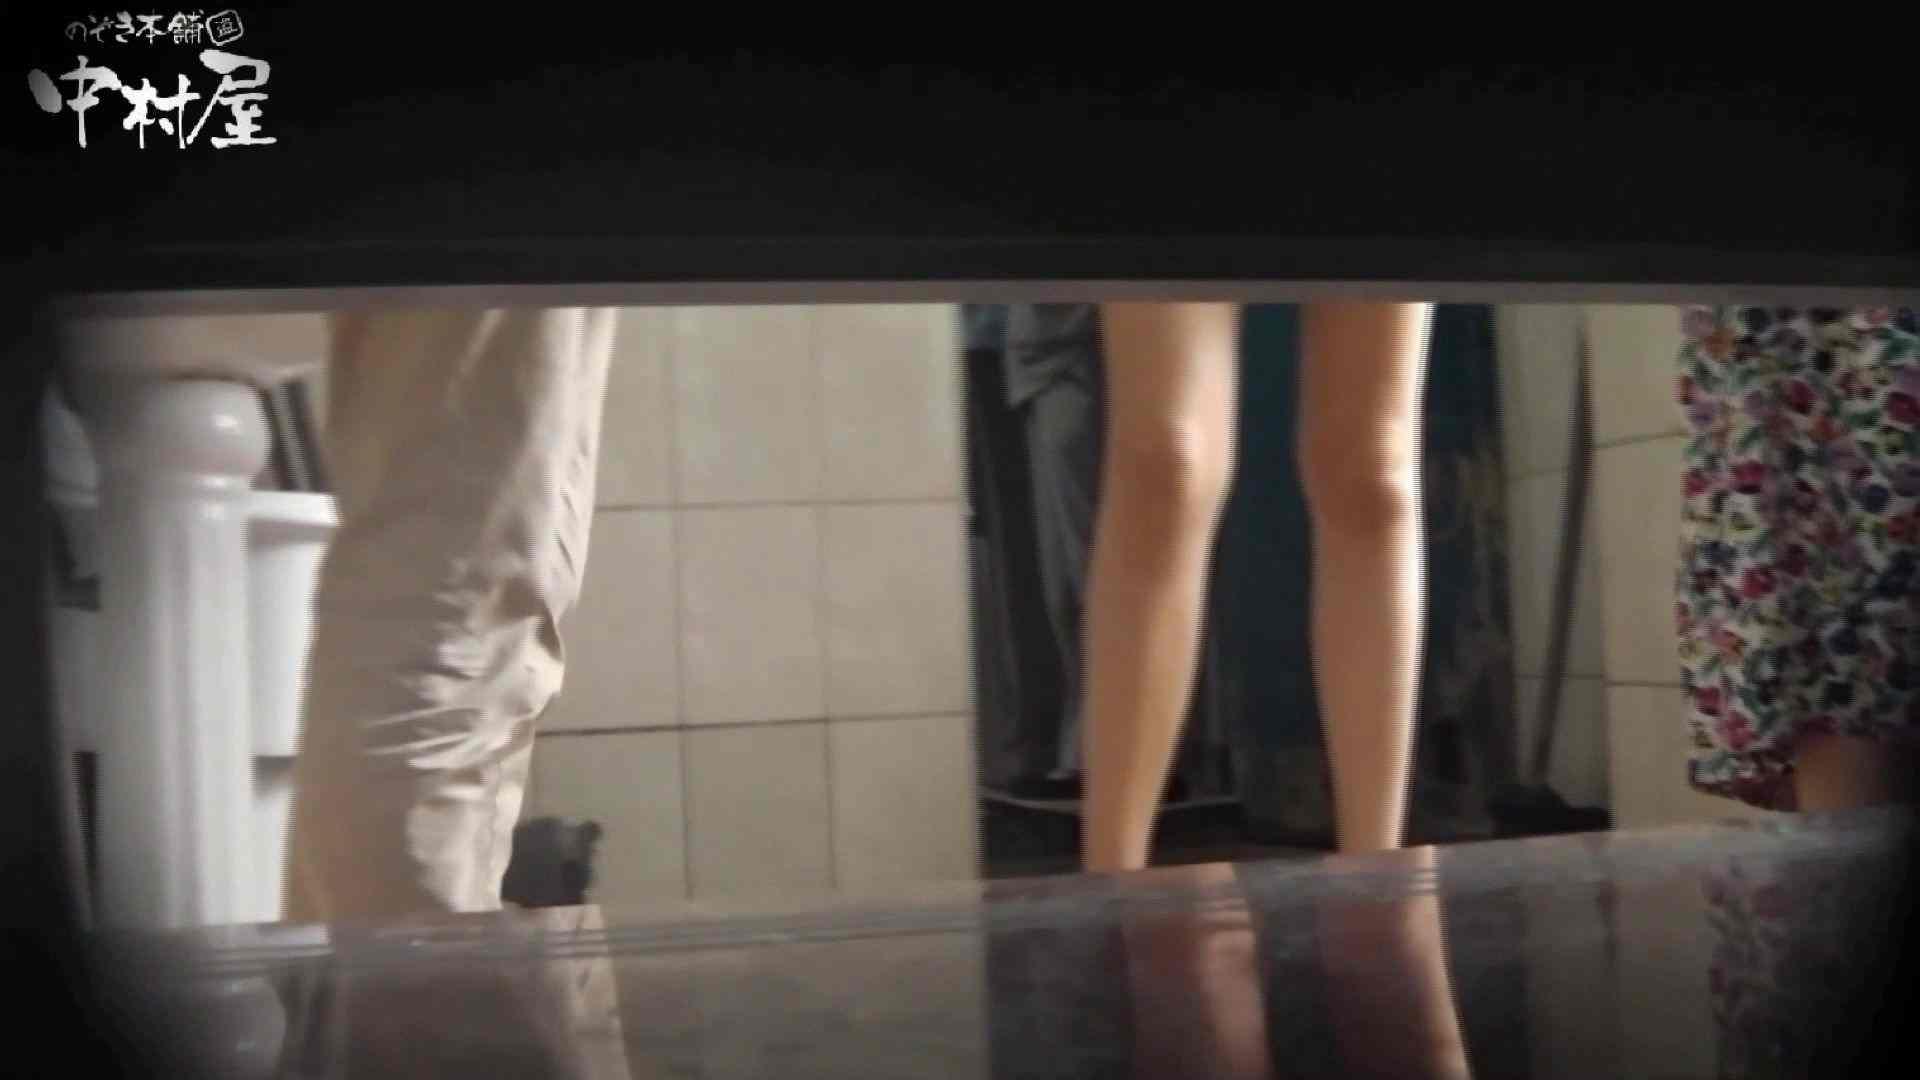 世界の射窓から~ステーション編~vol46 美女のアップが盛りだくさん。後編 OLすけべ画像 | 美女すけべ画像  104連発 99